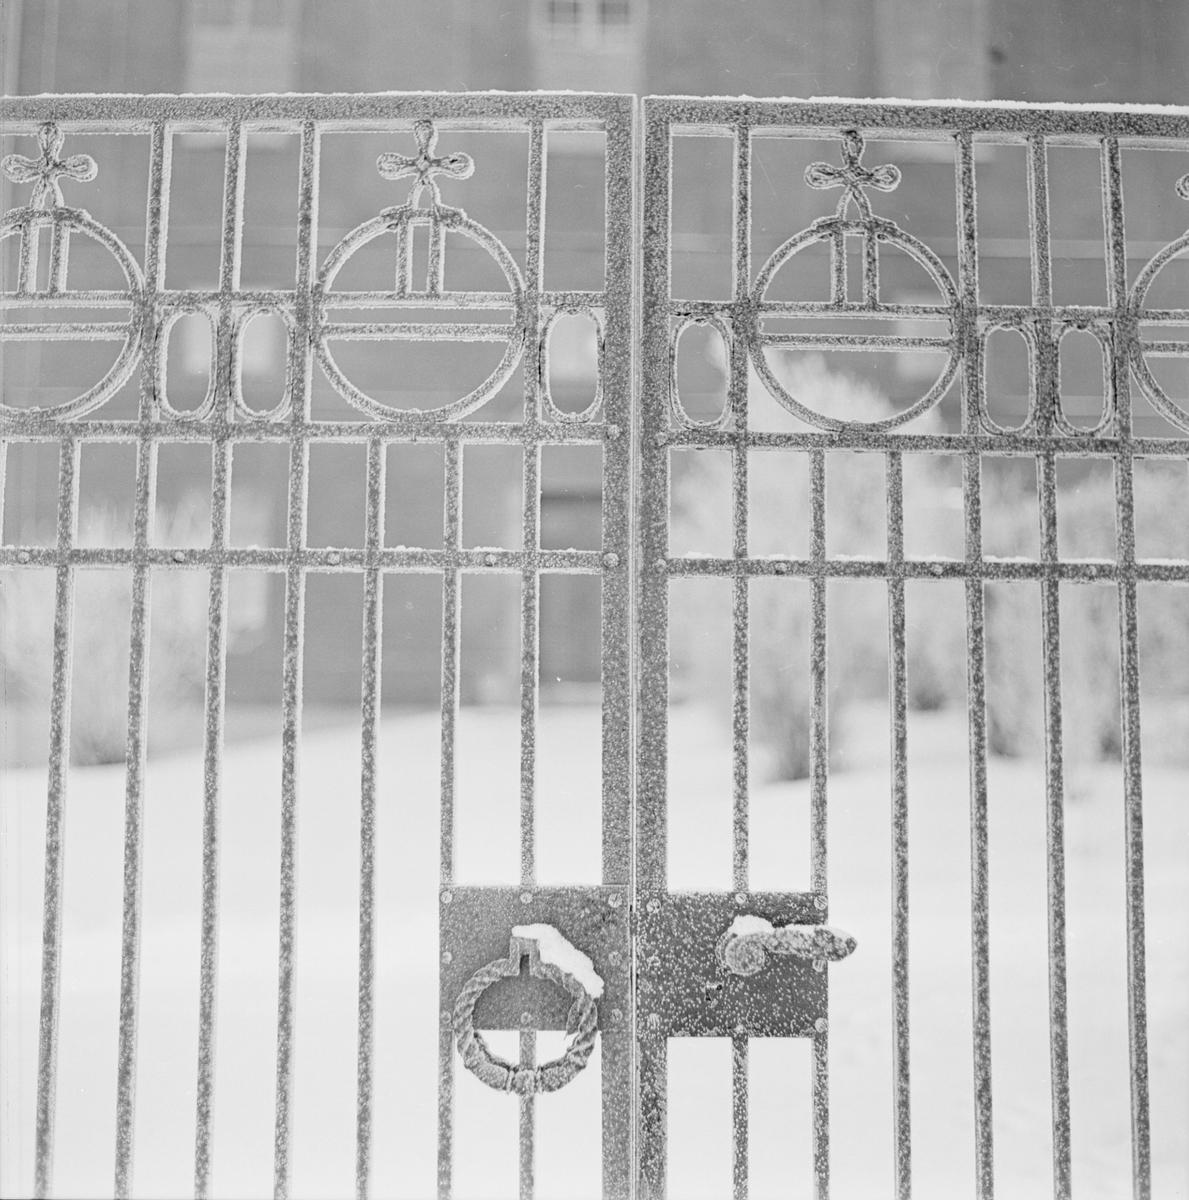 Vinter - grind, Uppsala december 1962